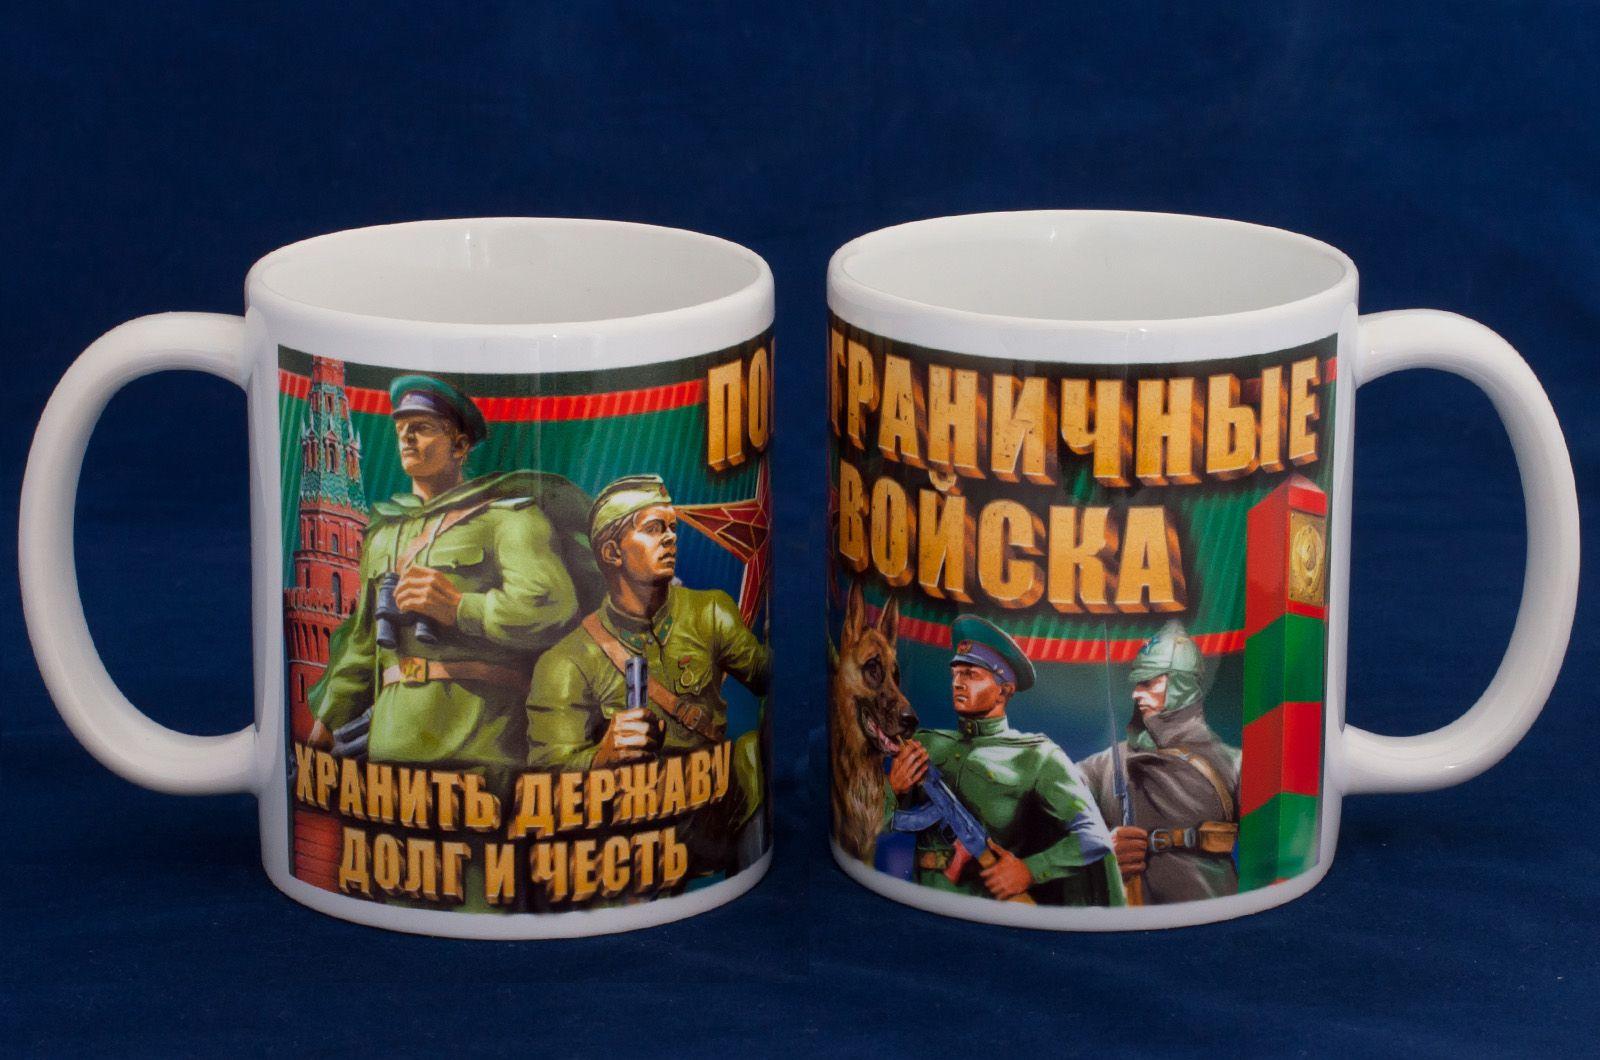 Чашки на подарок мужчине